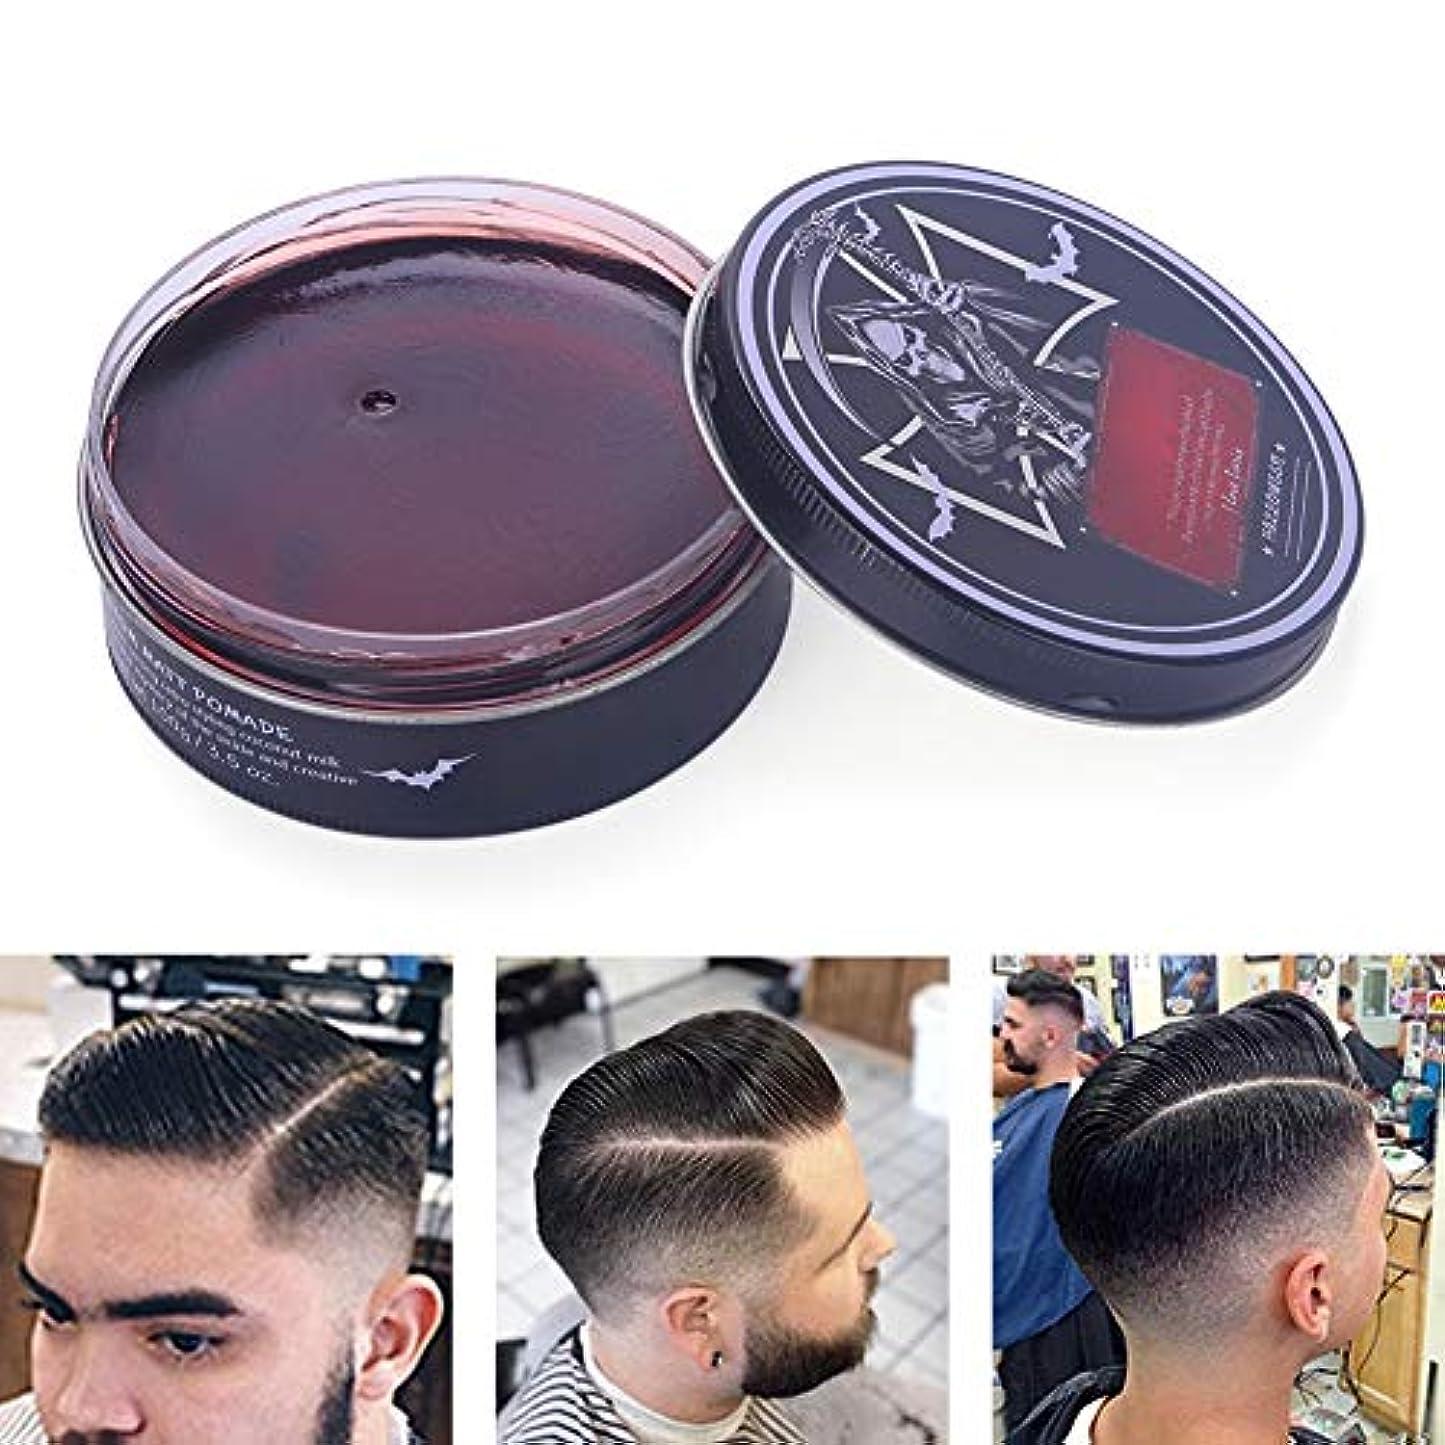 動機肯定的肯定的プロのヘアスタイリング100ミリリットルを設計するための男性のためのヘアスタイリングワックス、ナチュラルおよび有機成分ヘアスタイリング粘土